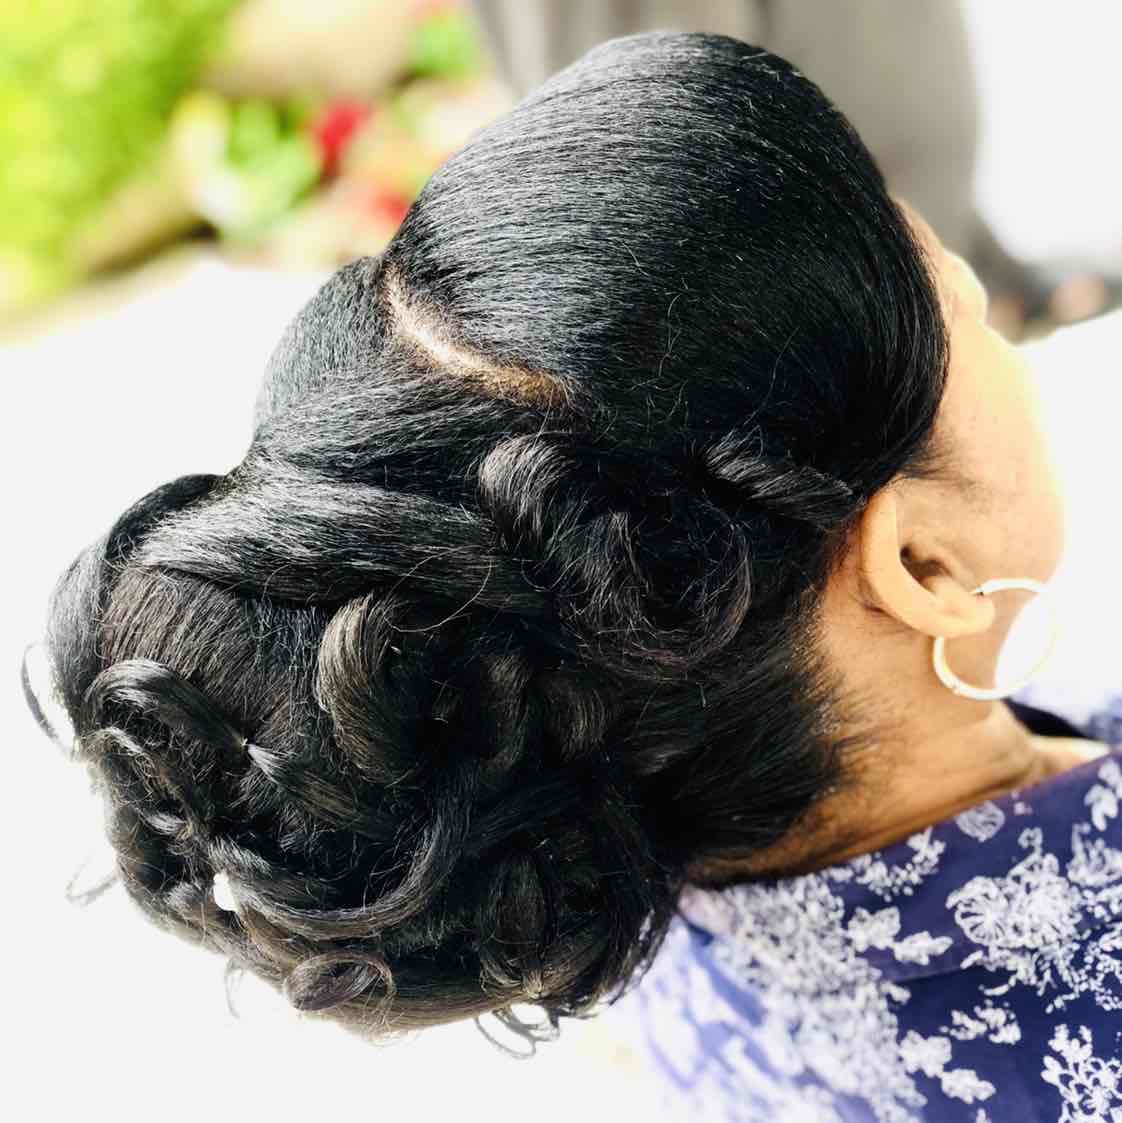 salon de coiffure afro tresse tresses box braids crochet braids vanilles tissages paris 75 77 78 91 92 93 94 95 EYCGGOMB